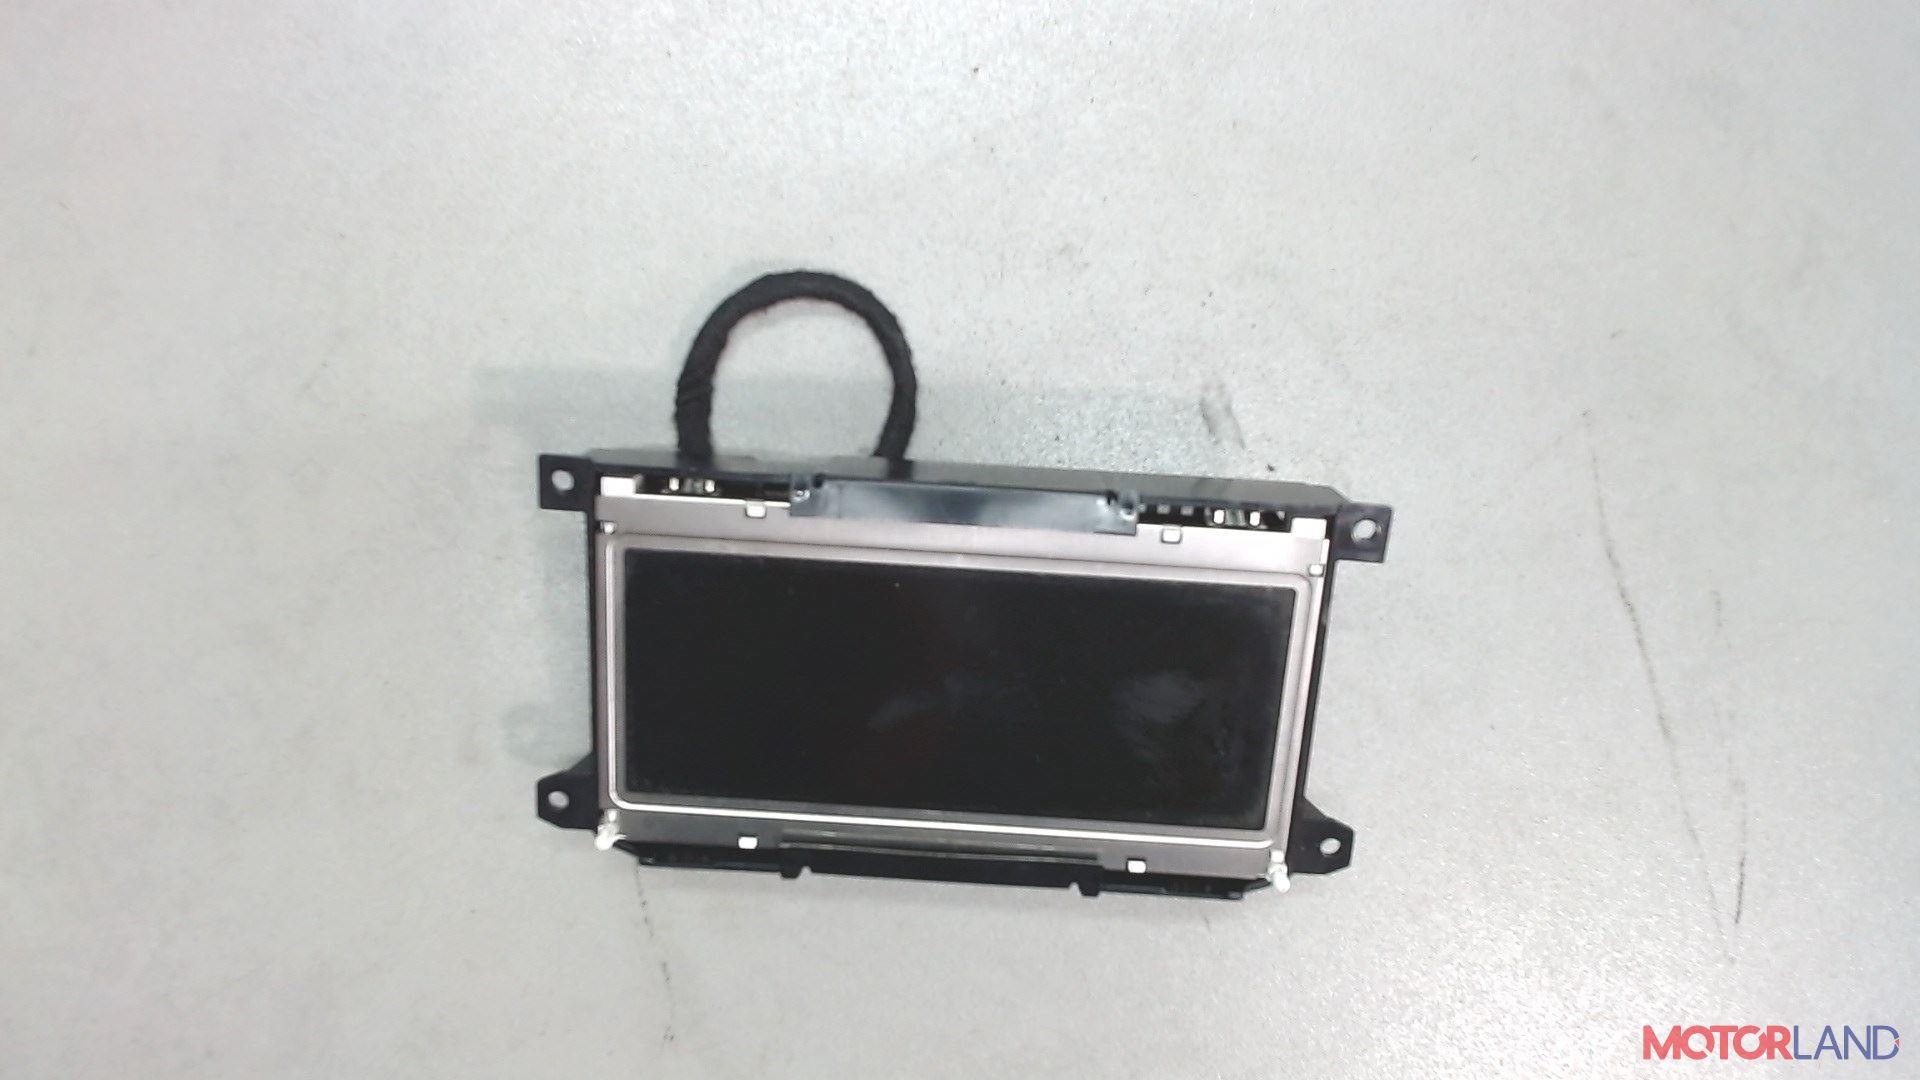 Дисплей компьютера (информационный) Audi A6 (C6) 2005-2011 2.4 л. 2006 BDW б/у #2